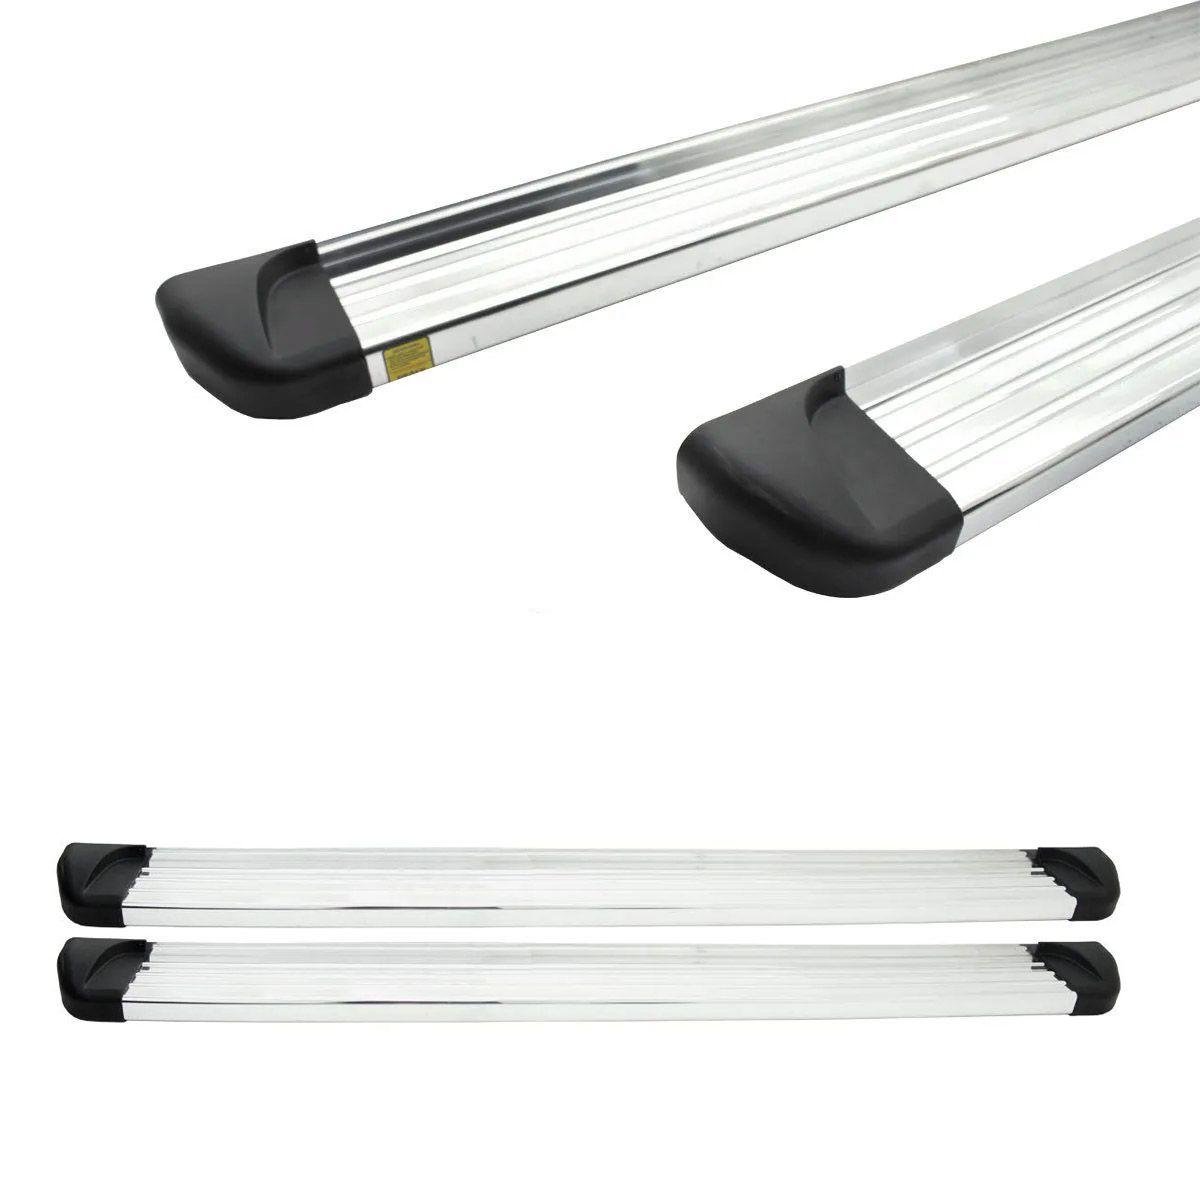 Estribo Aluminio Polido Cabine Dupla S10 2012 a 2018 2019 2020